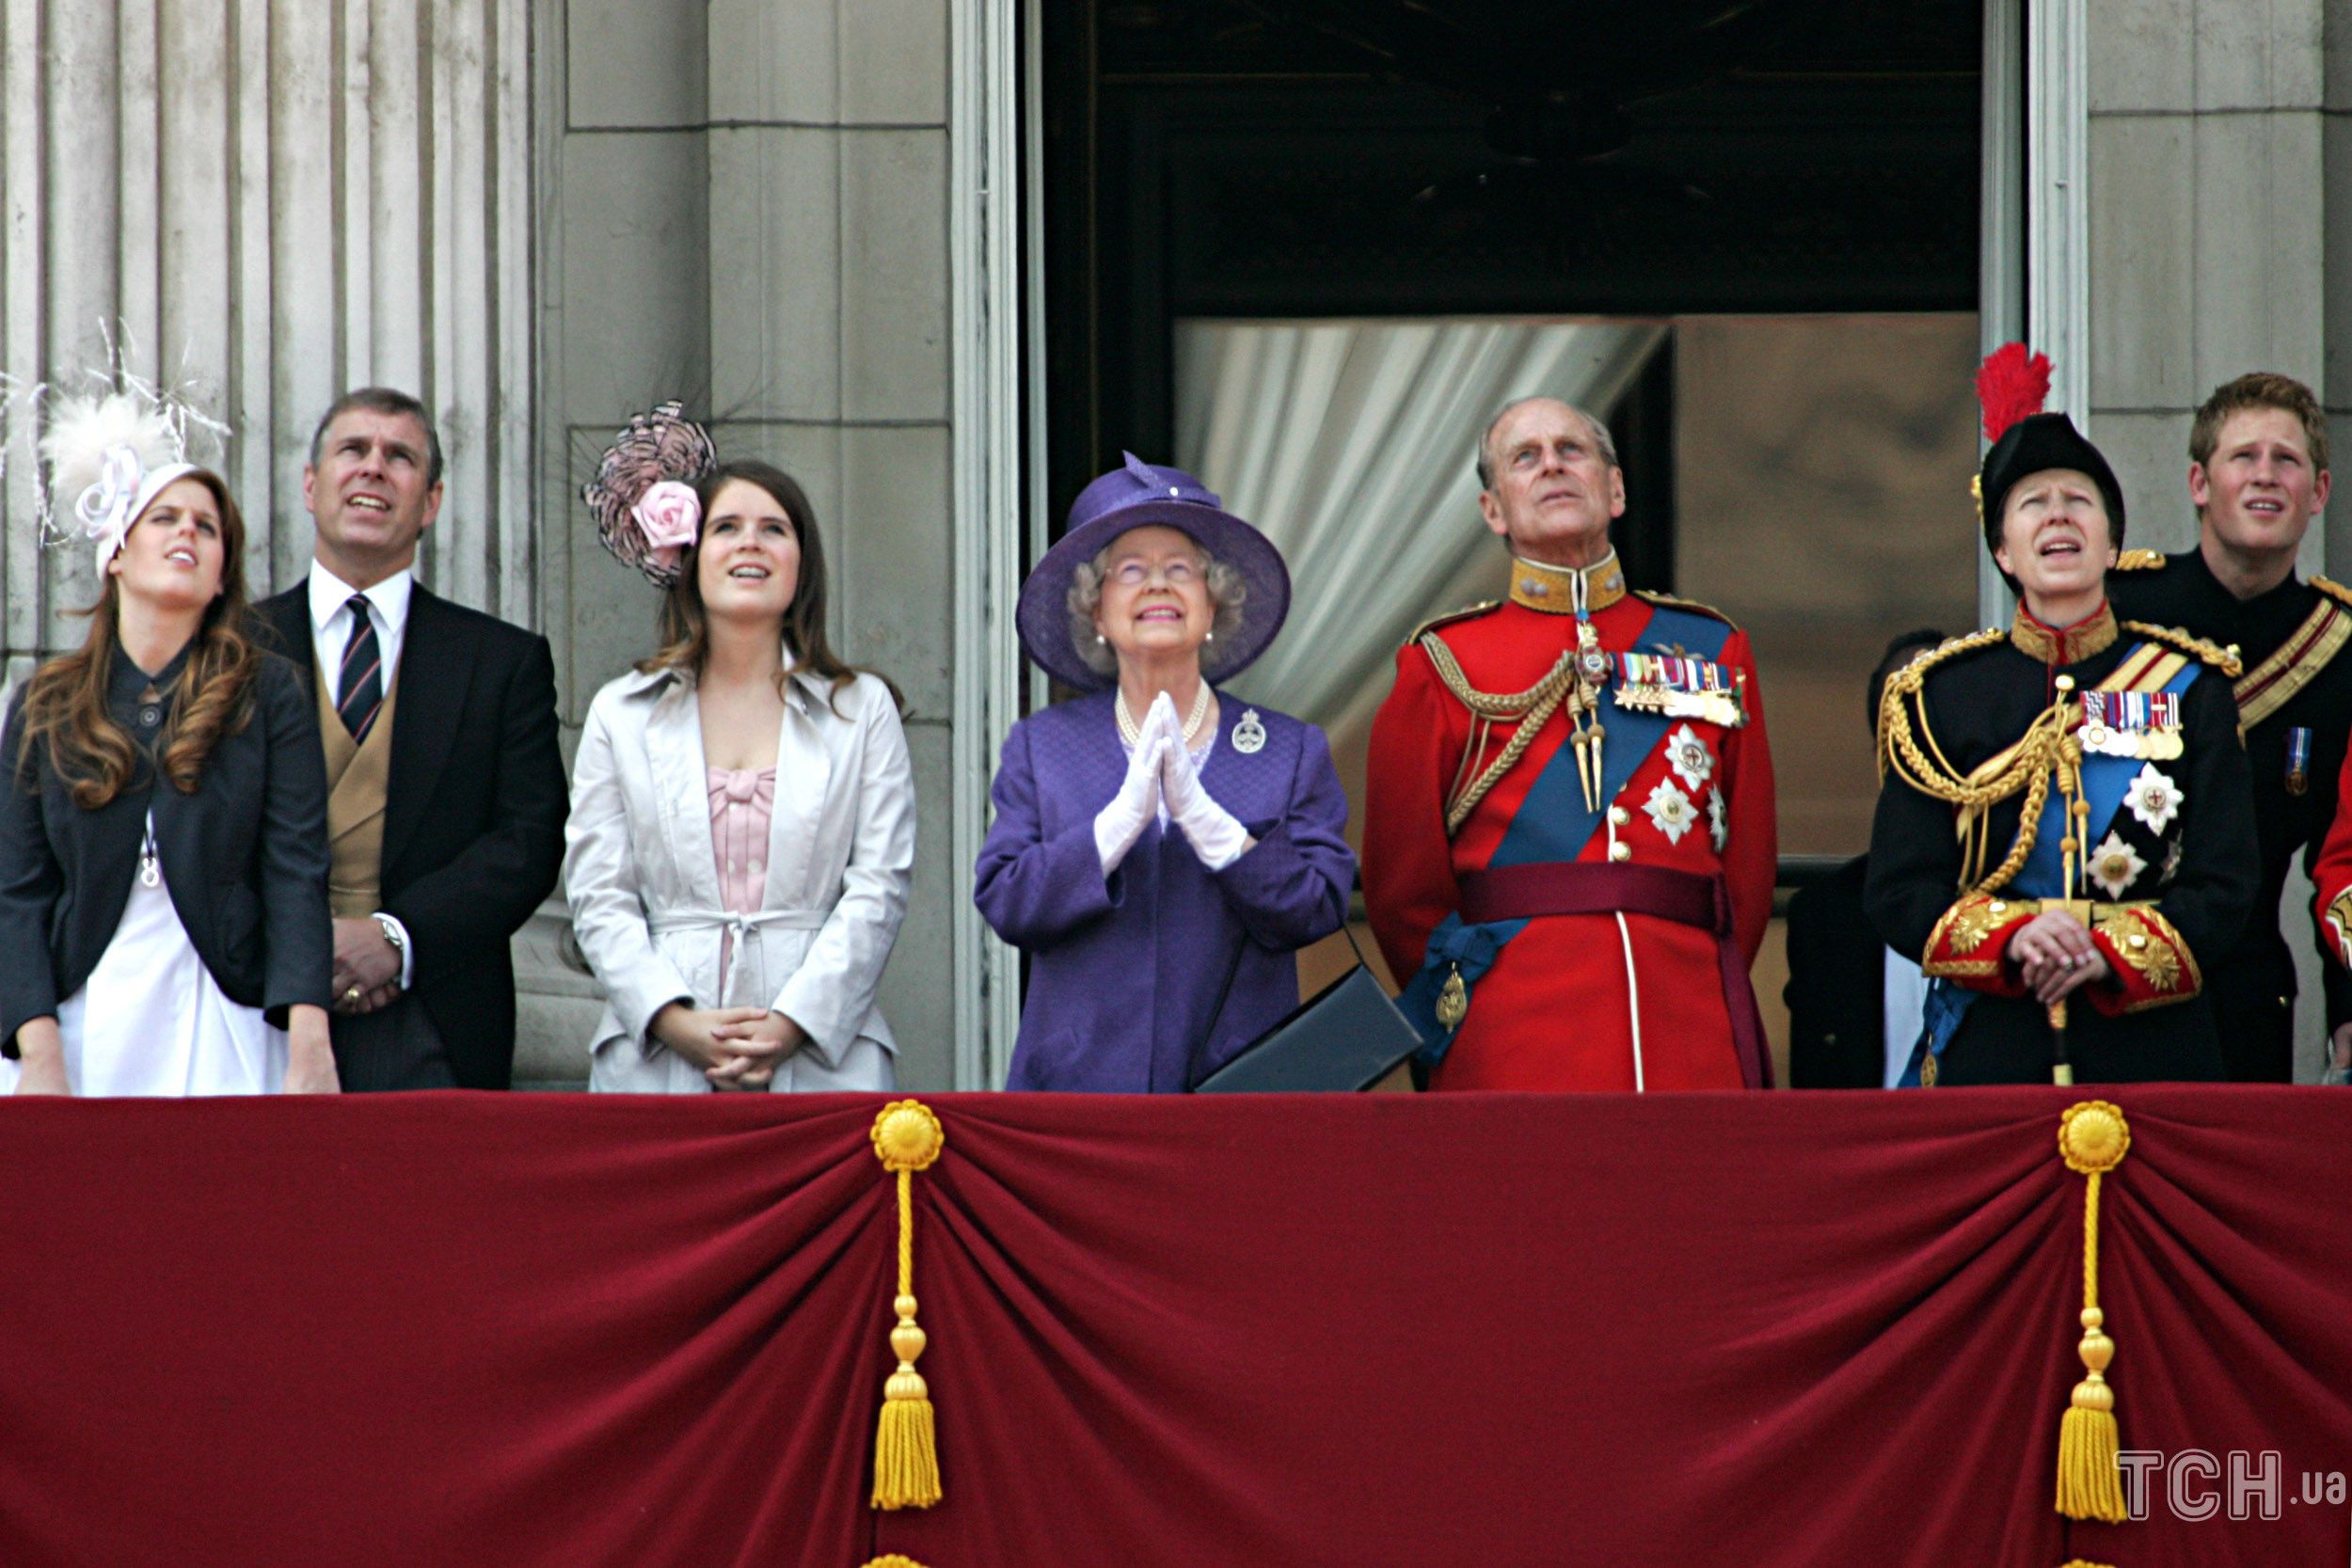 Юбилей королевы Елизаветы II_1